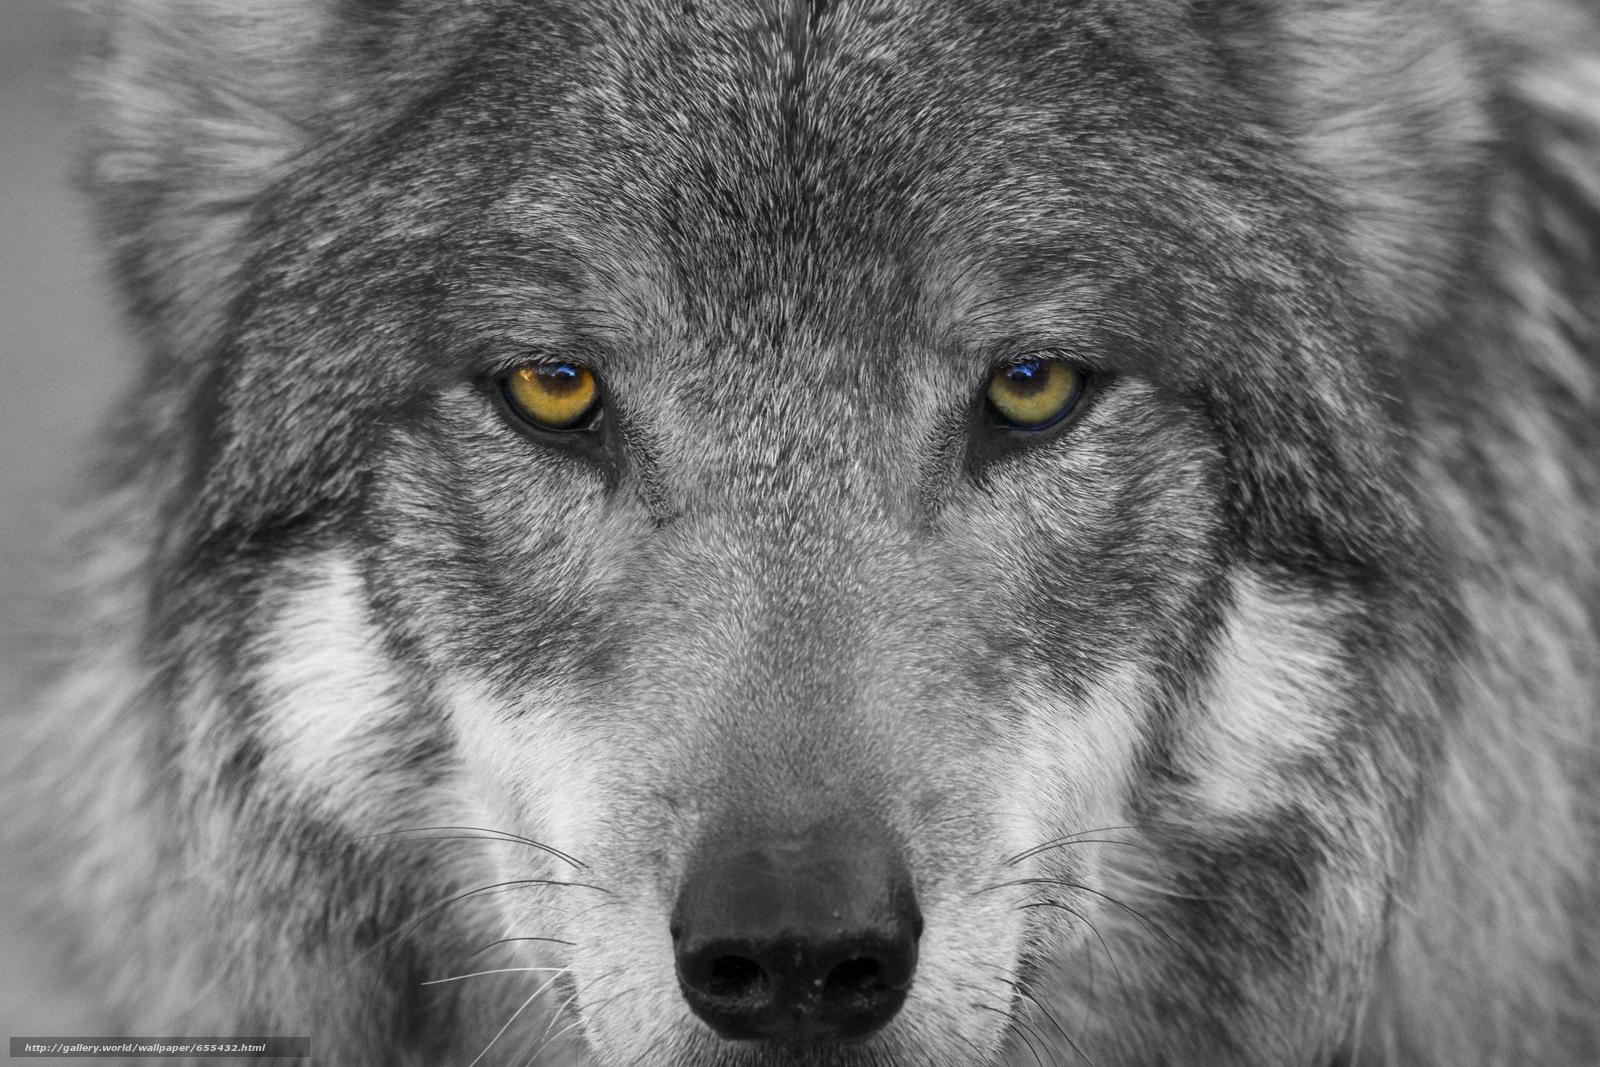 Tlcharger Fond d'ecran loup,  prédateur,  Museau,  yeux Fonds d'ecran gratuits pour votre rsolution du bureau 5904x3936 — image №655432